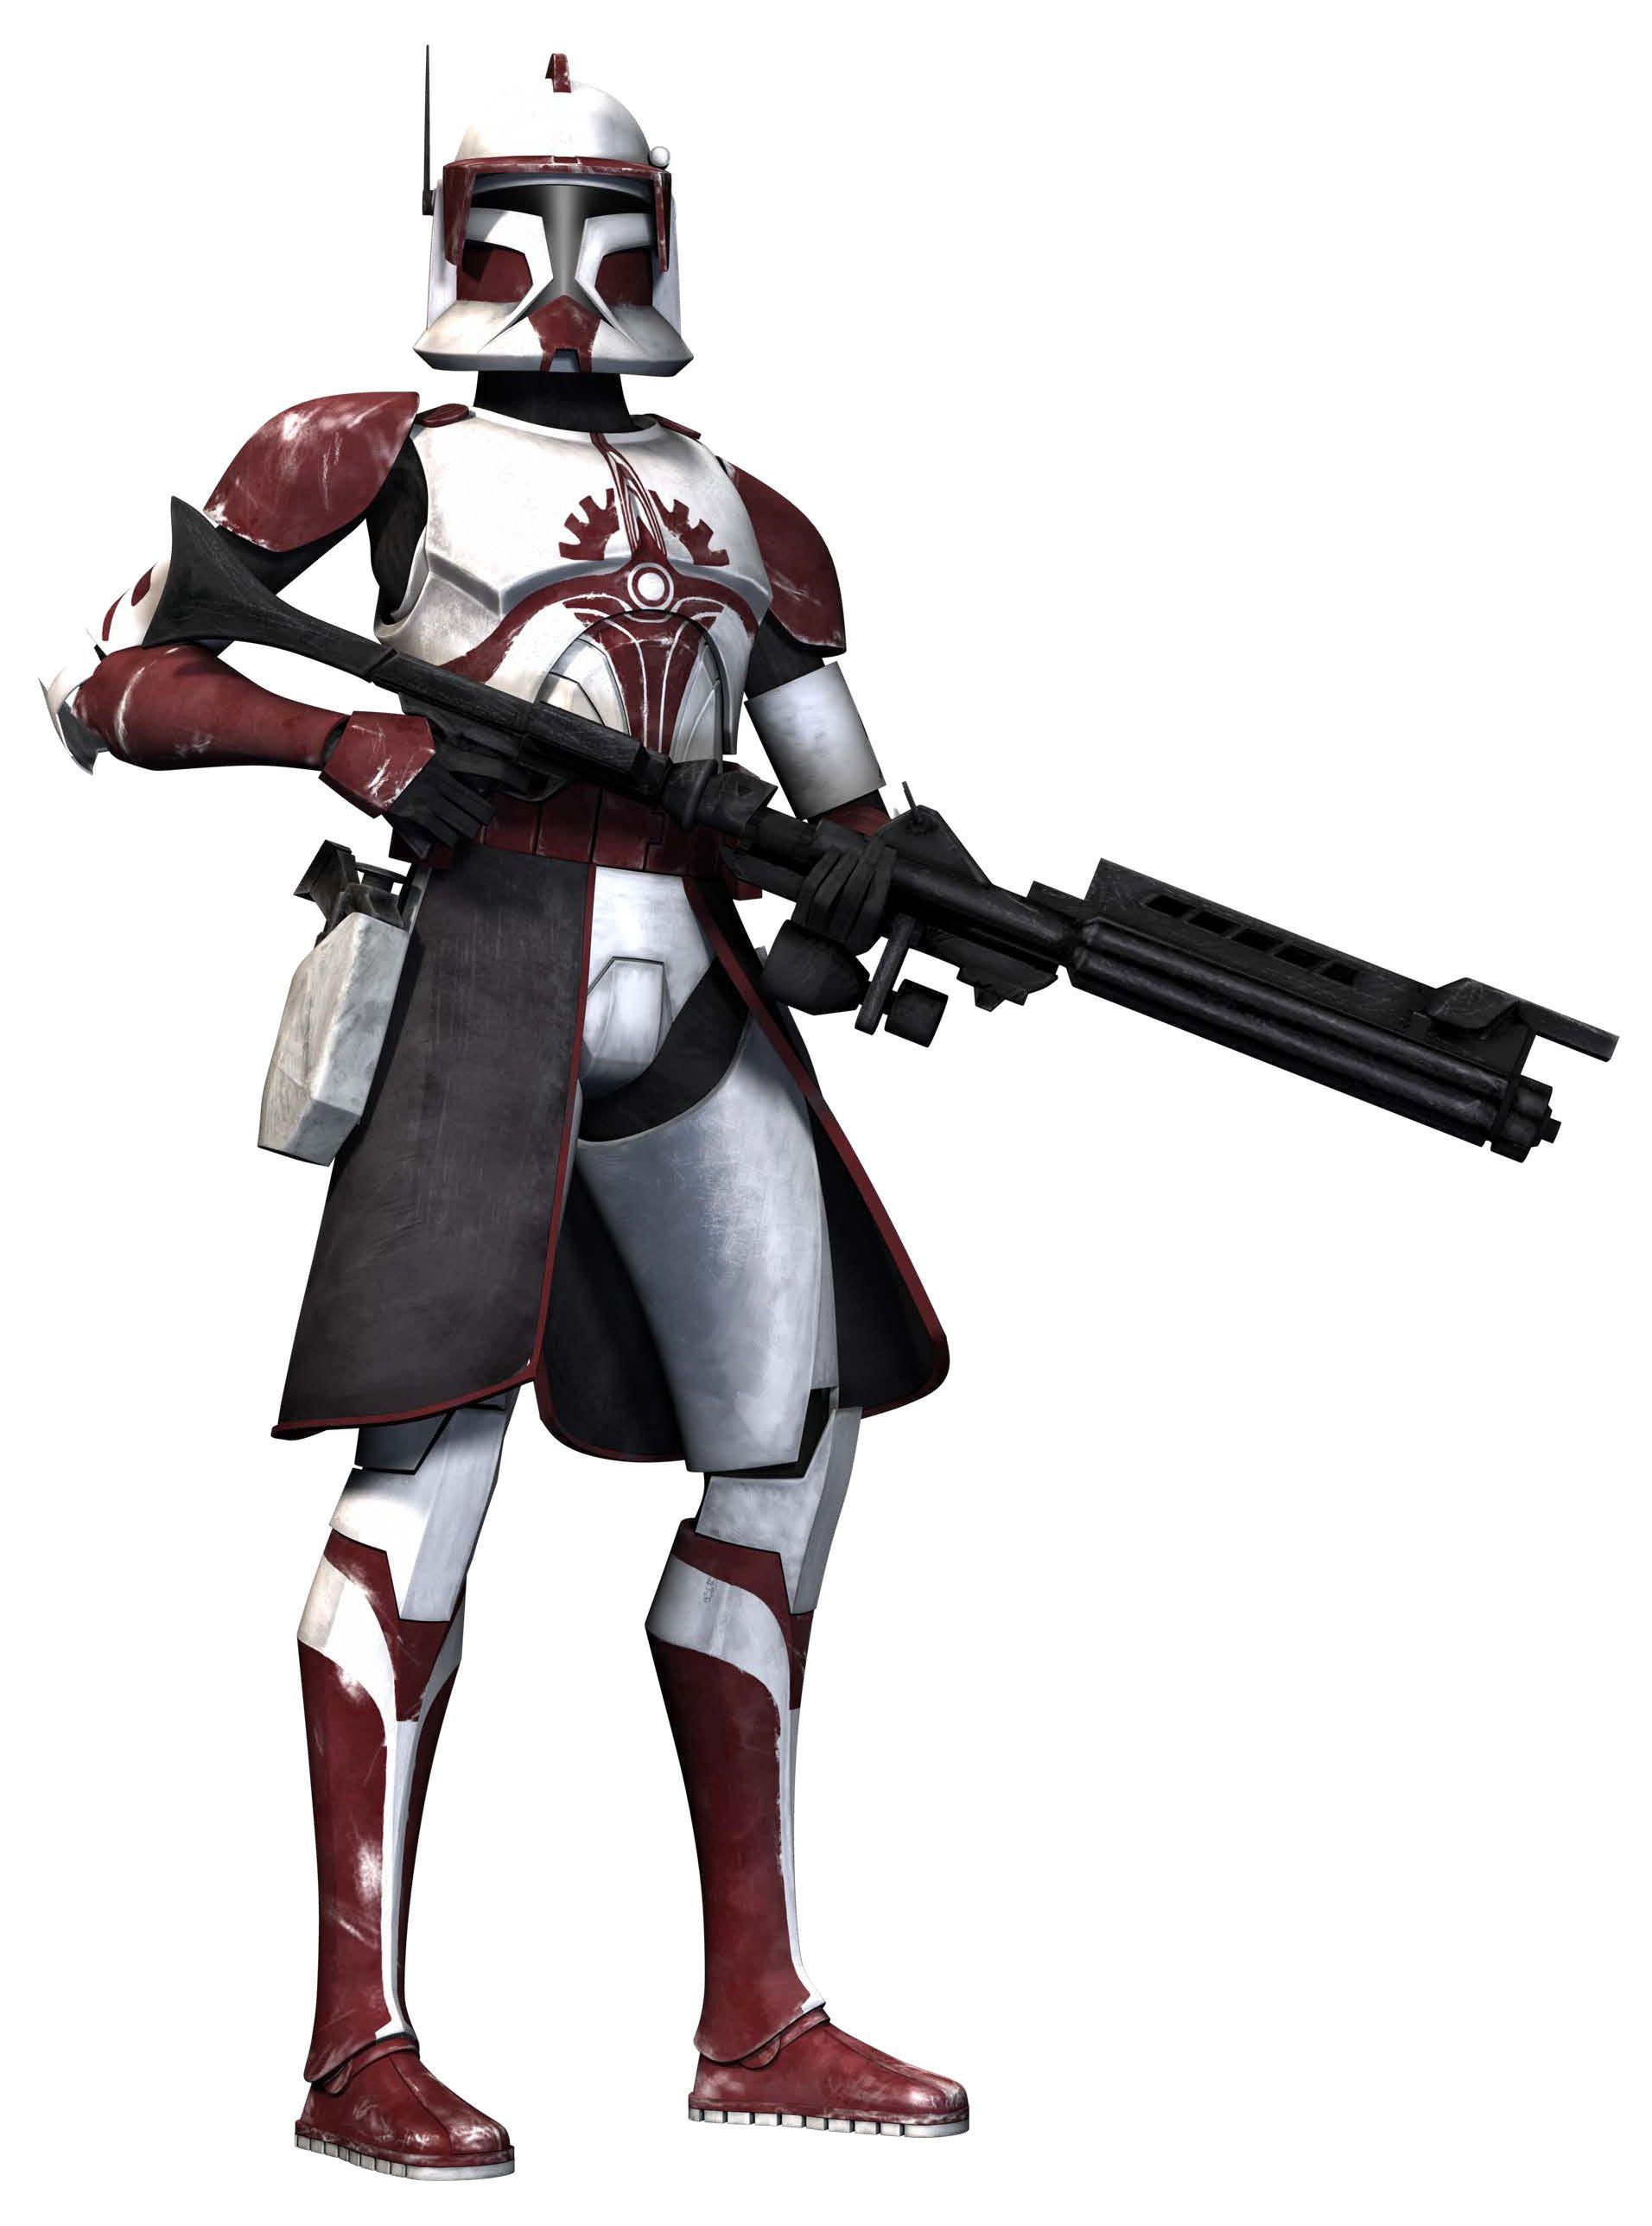 Star Wars Wallpaper 502624 Wallbase Cc Star Wars Images Star Wars Pictures Star Wars Trooper